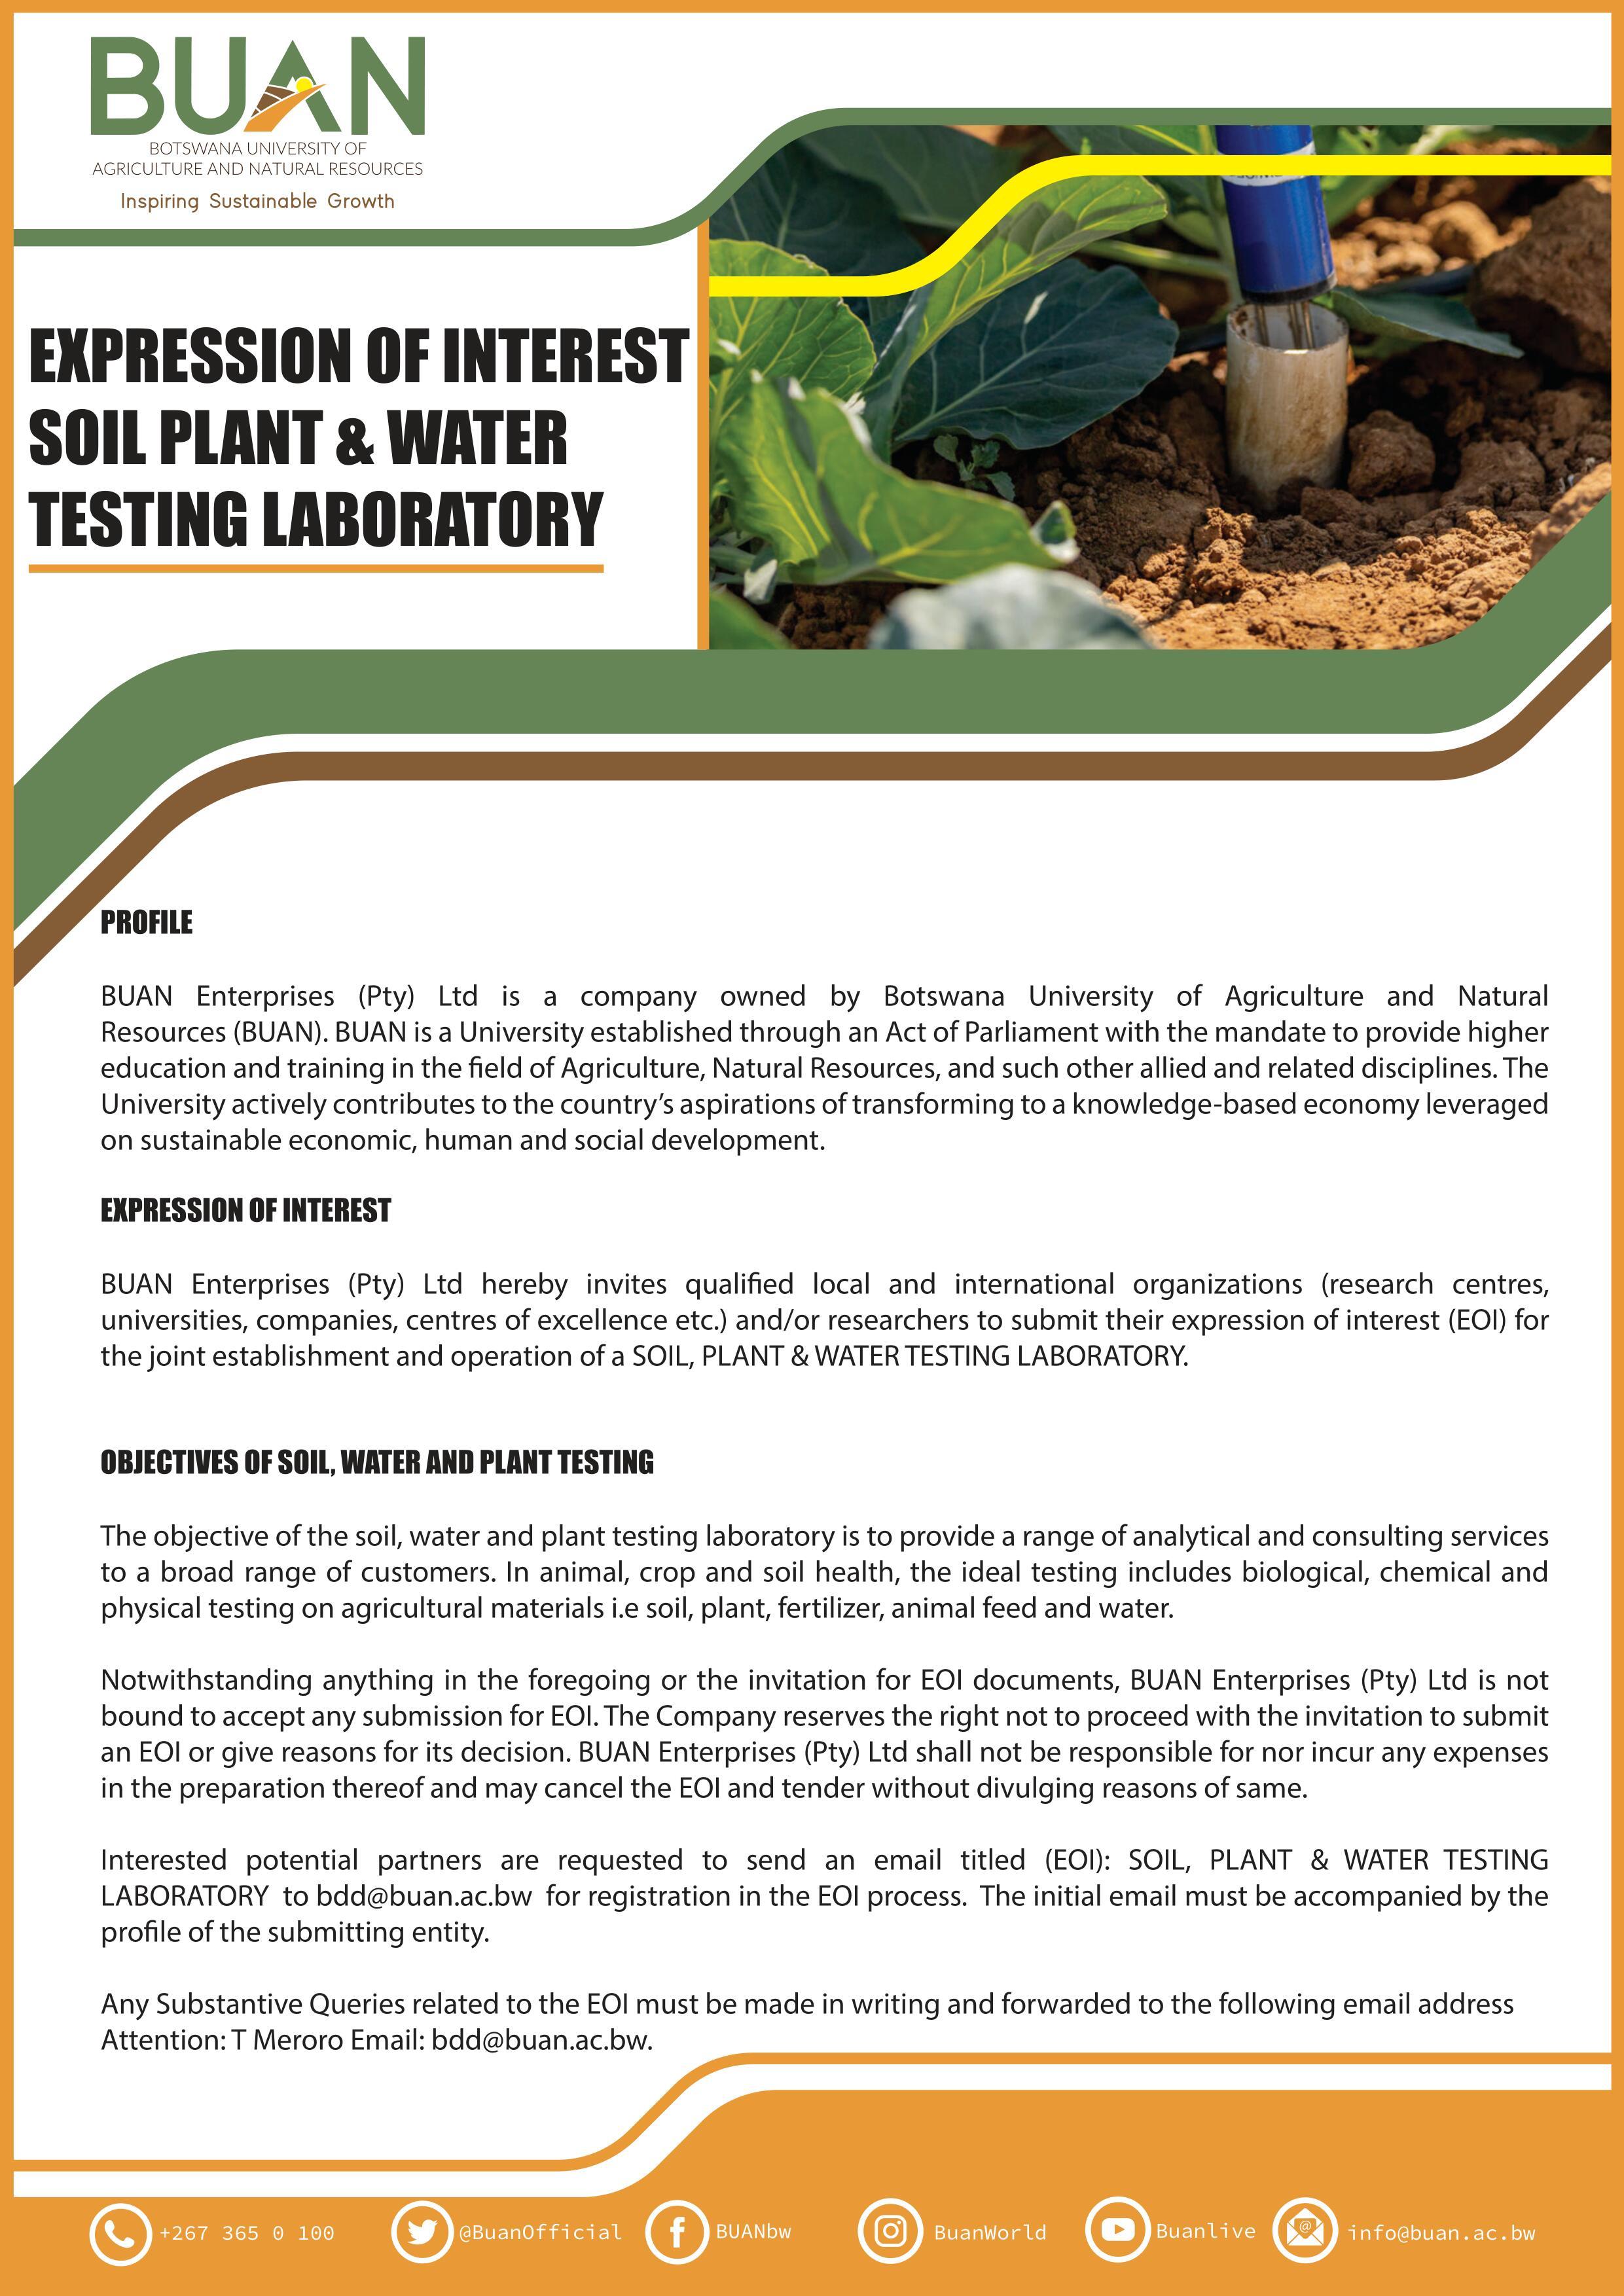 BUAN EOI Soil Plant Water Lab